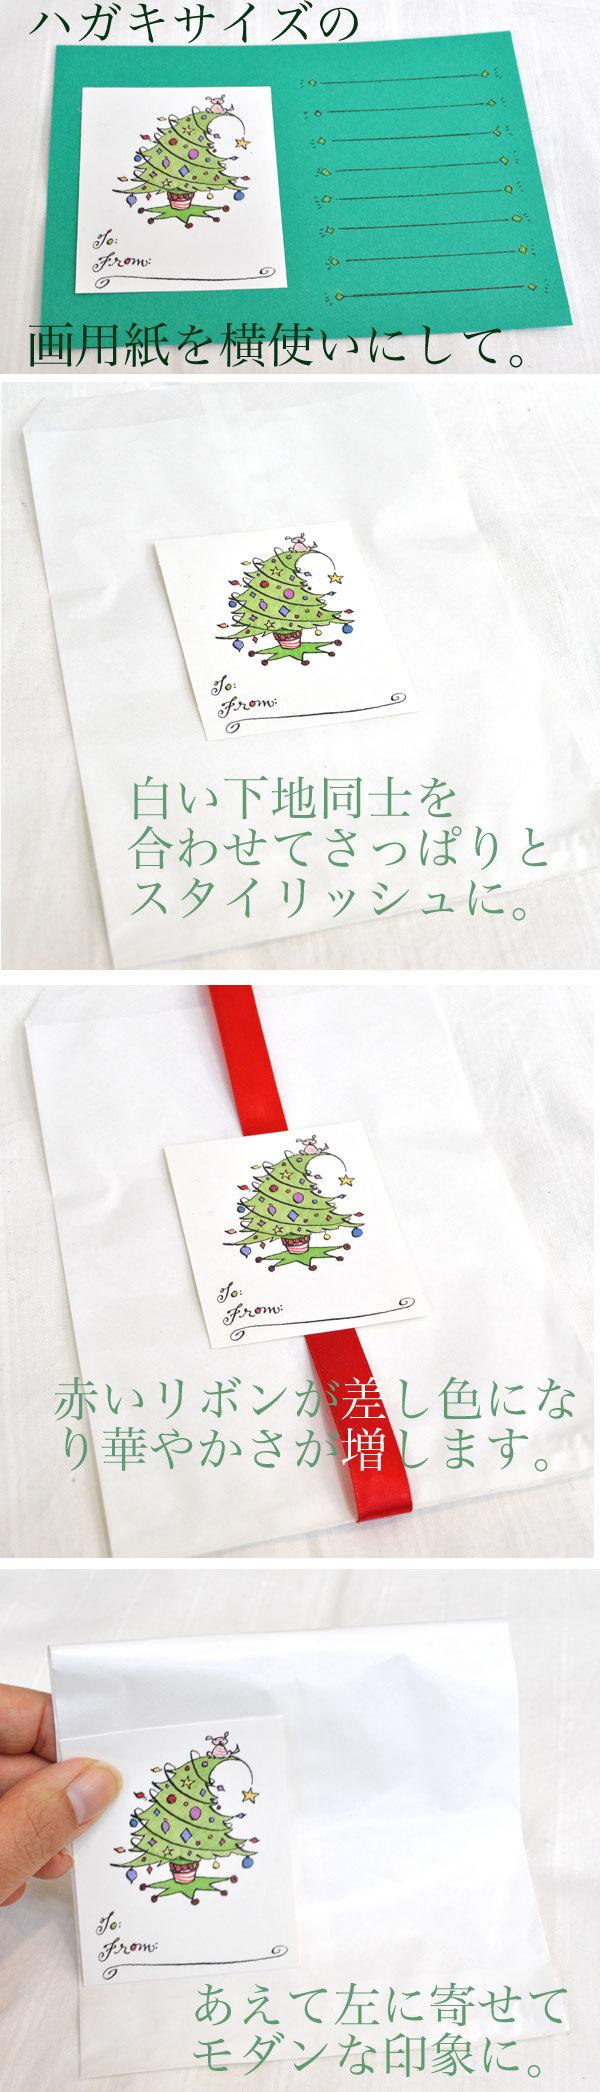 全員プレゼント☆選べる大きめラベル_d0225198_17471091.jpg